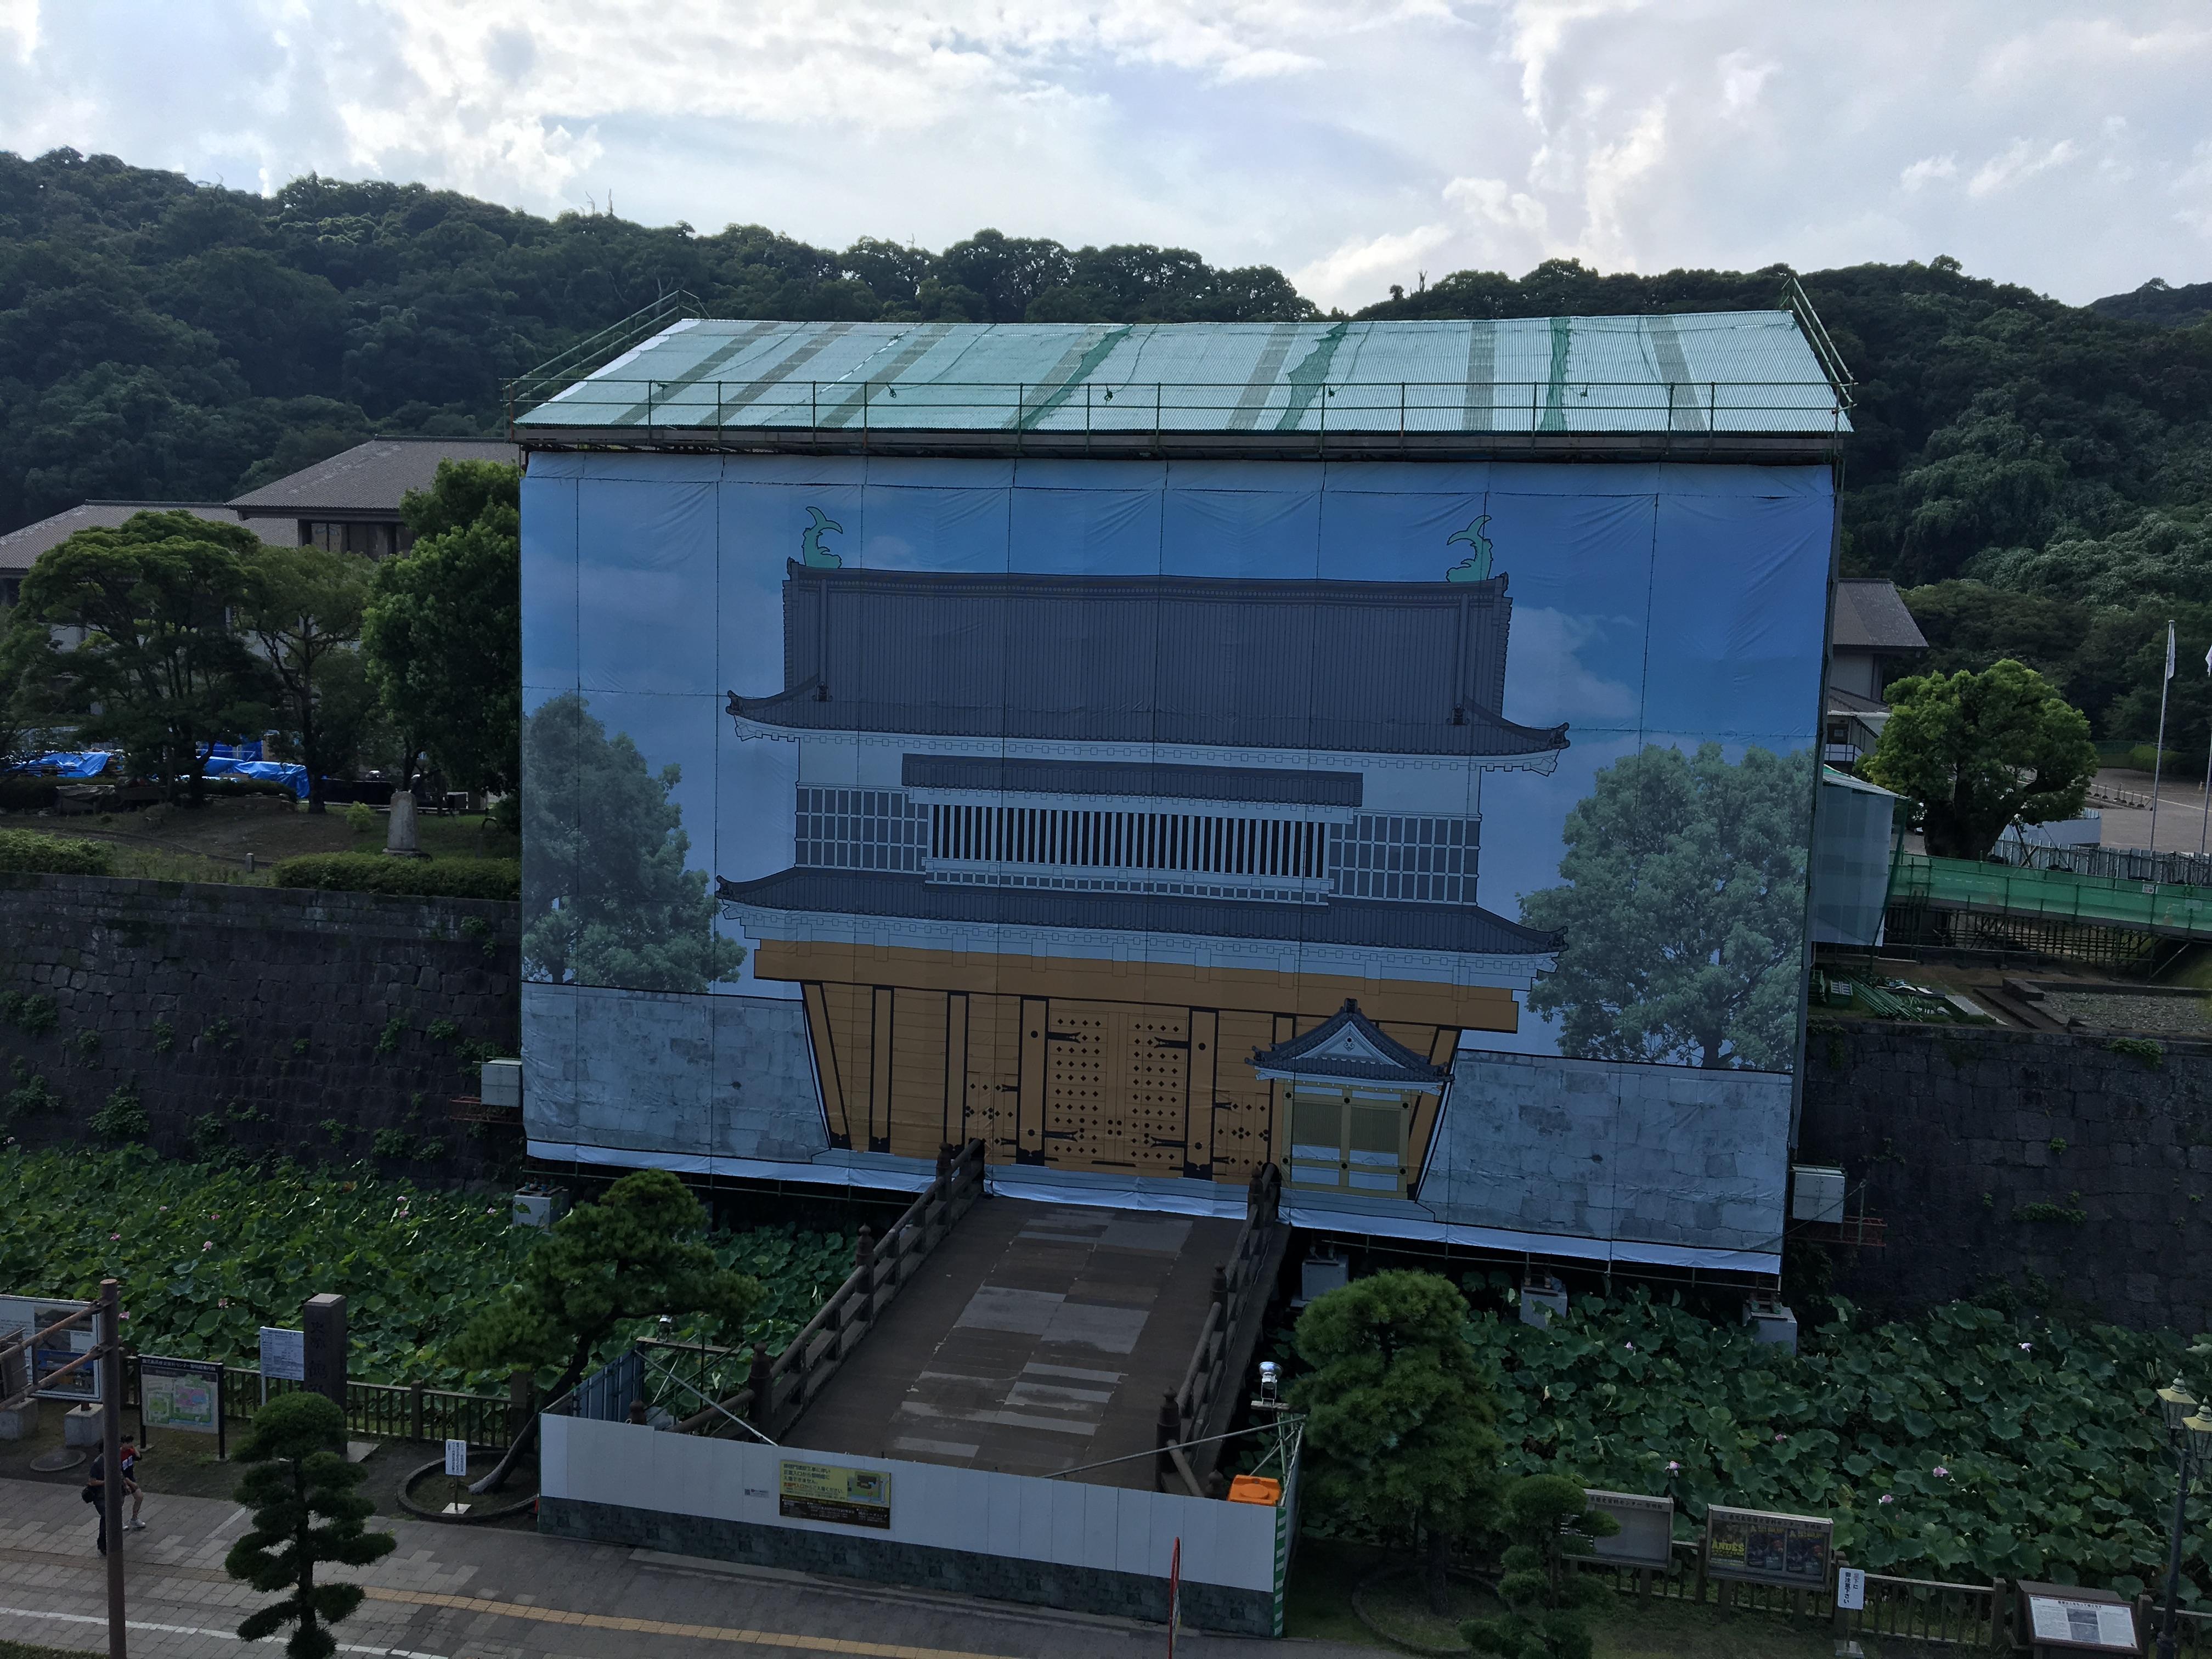 【鹿児島】鶴丸城御楼門の工事現場見学がめっちゃ面白かった!